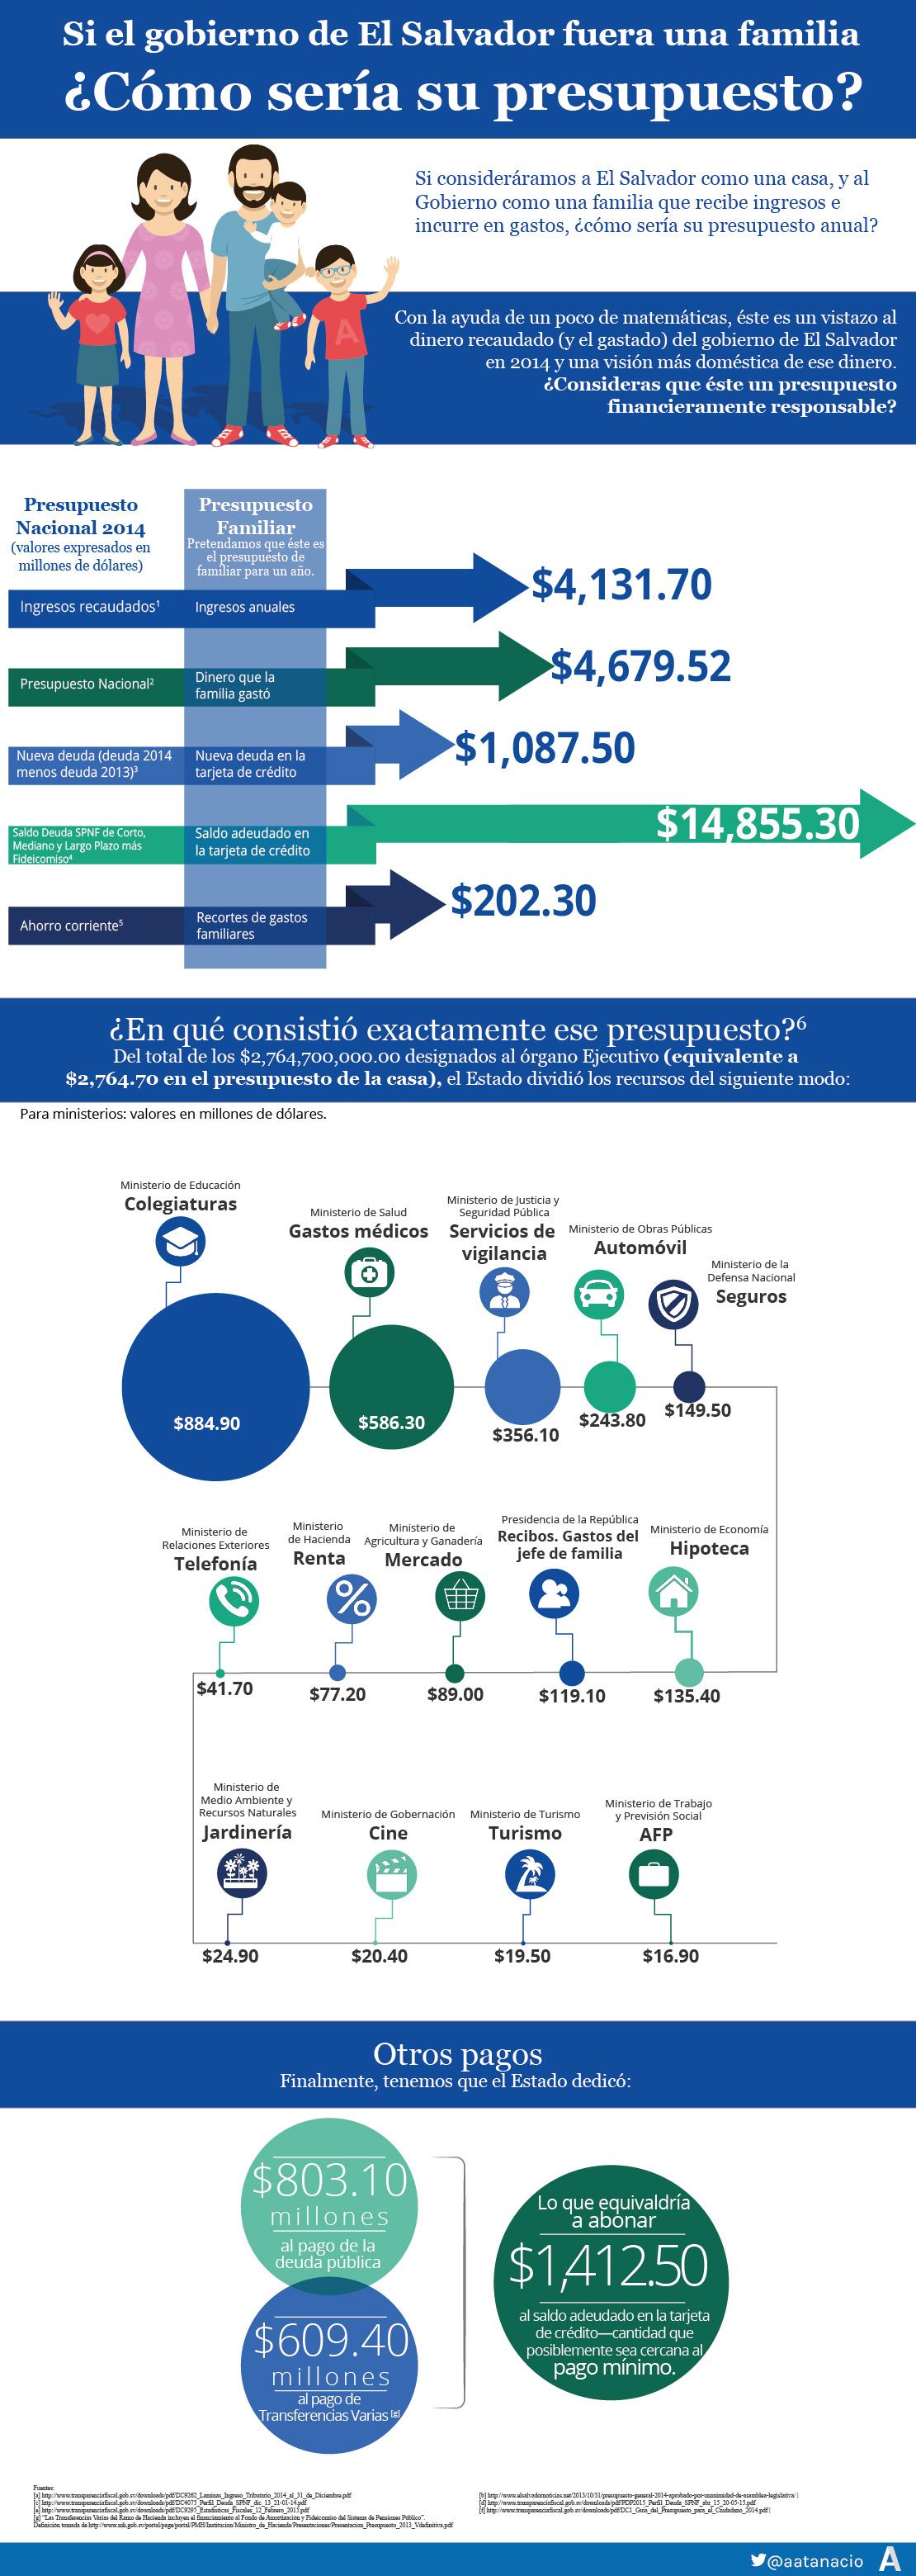 Presupuesto El Salvador 2014